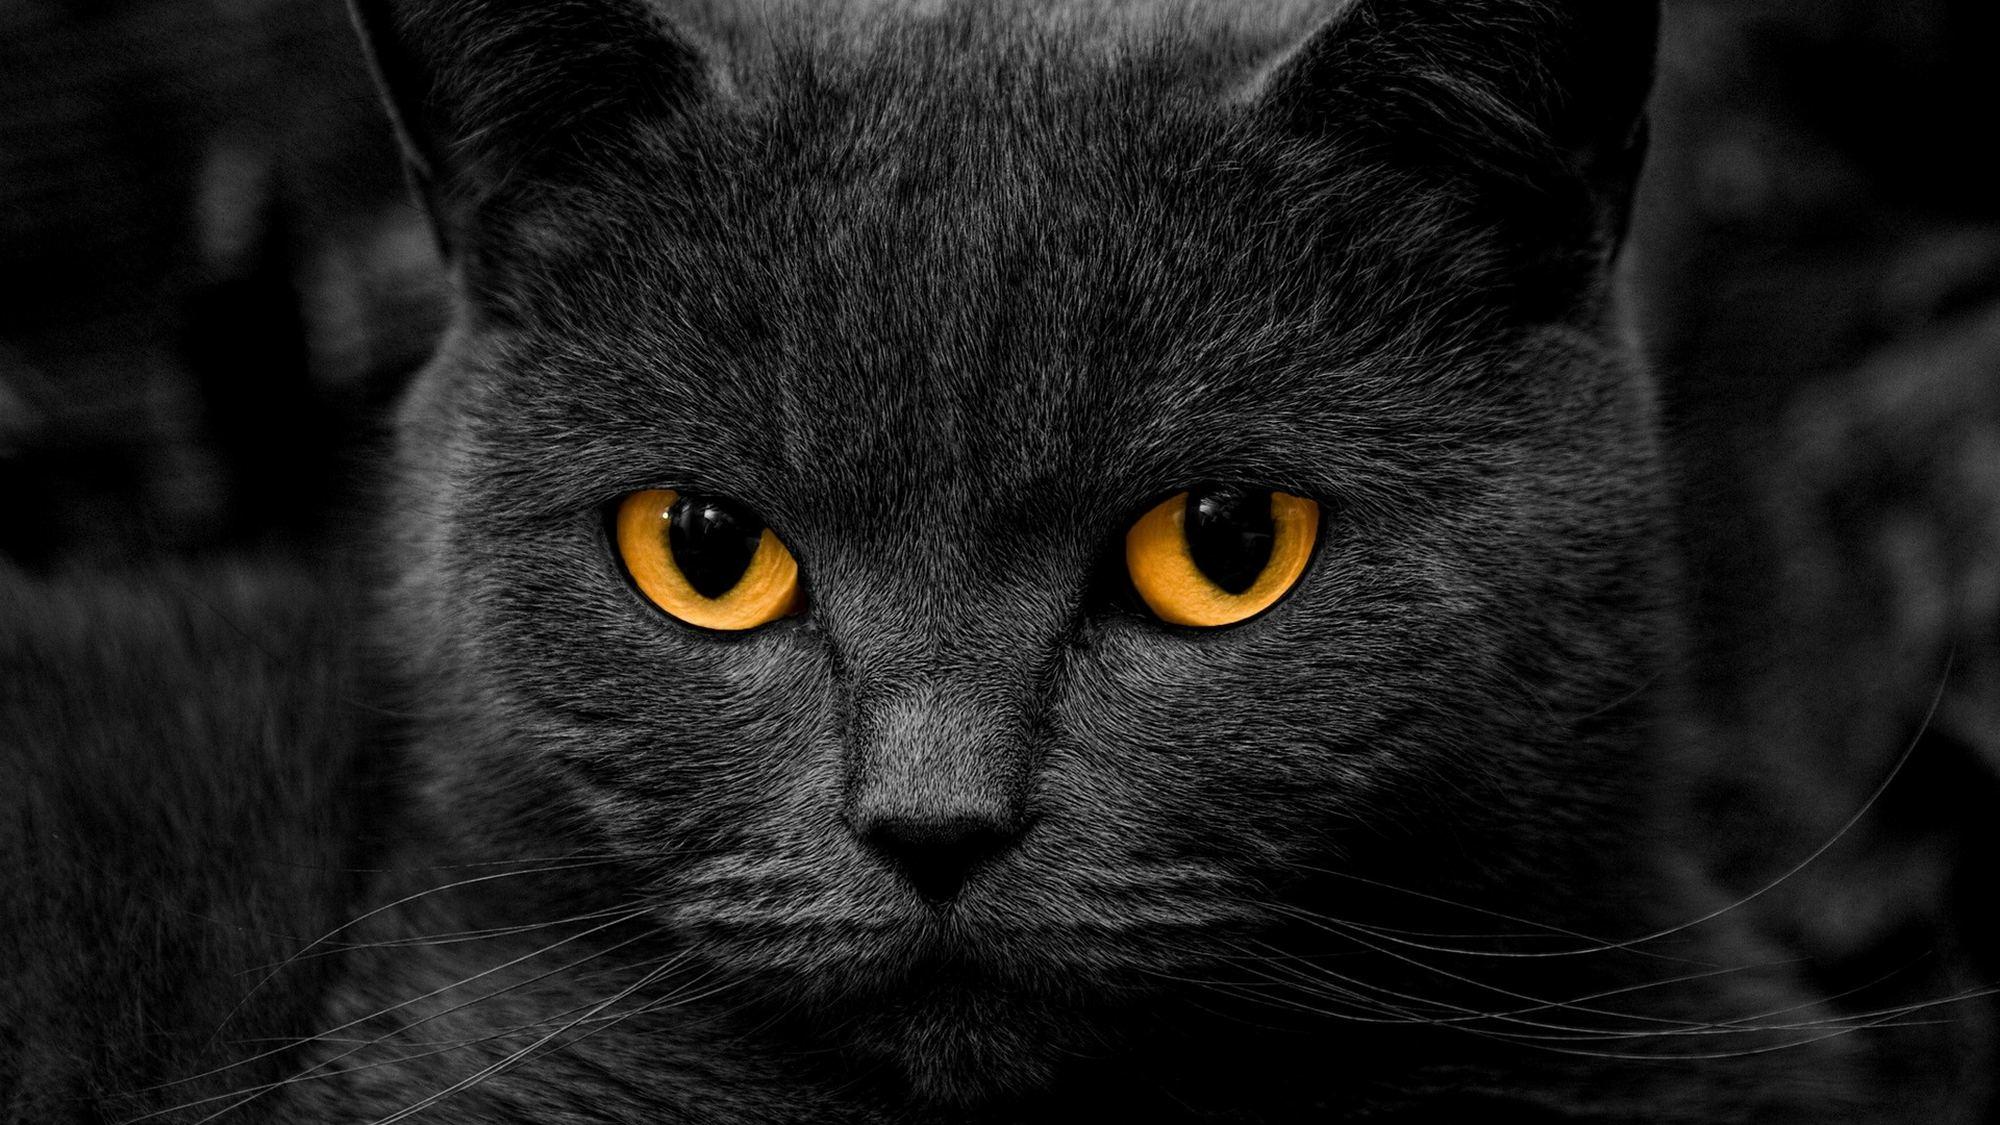 Картинка черного кота на рабочий стол